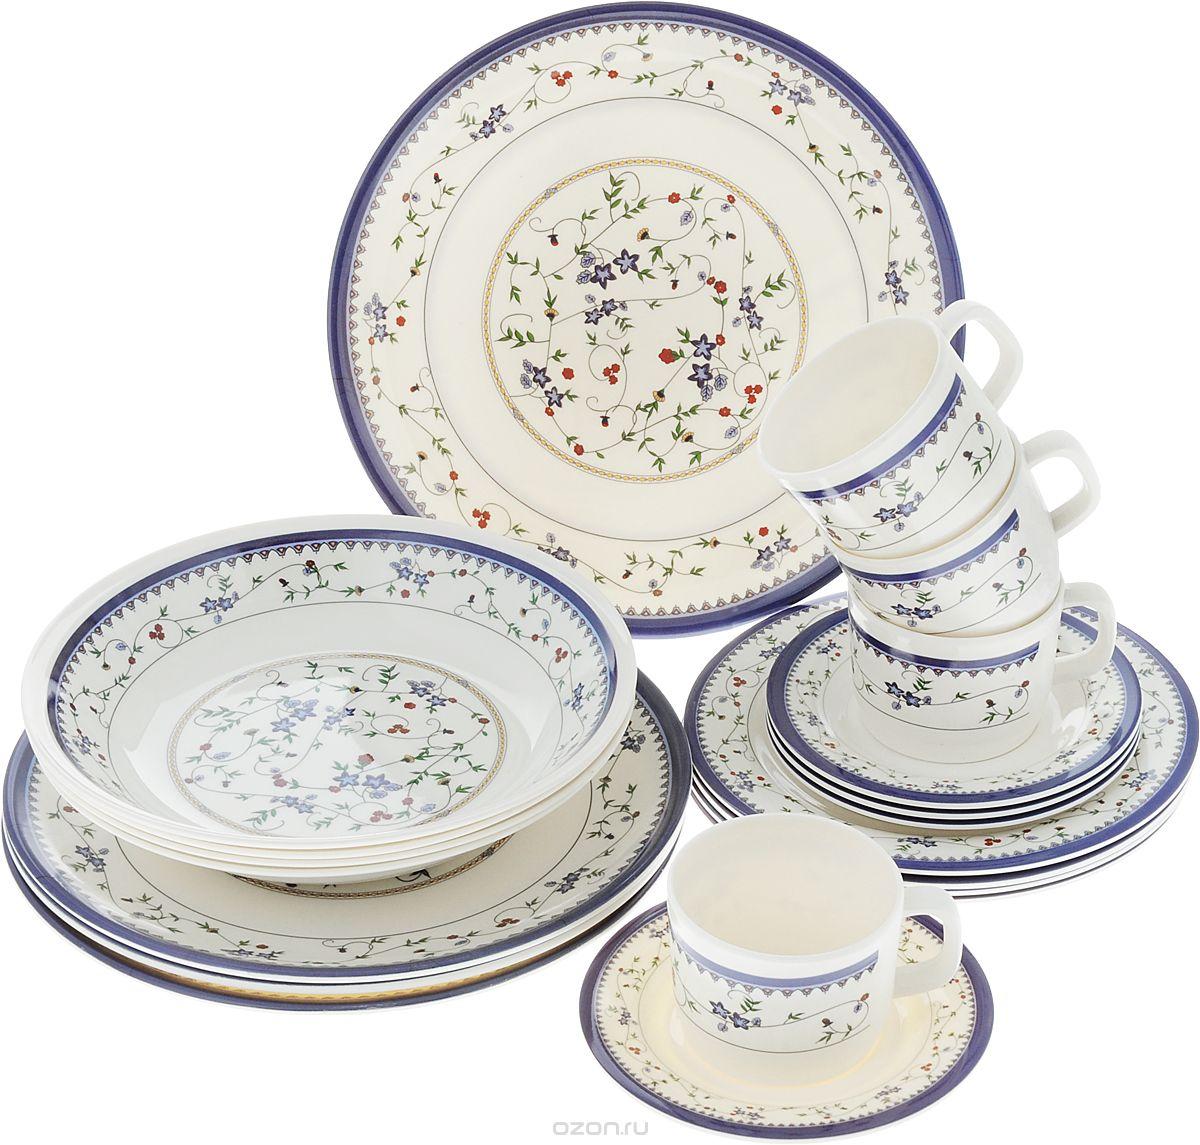 Набор столовой посуды Calve, 20 предметов. CL-2514